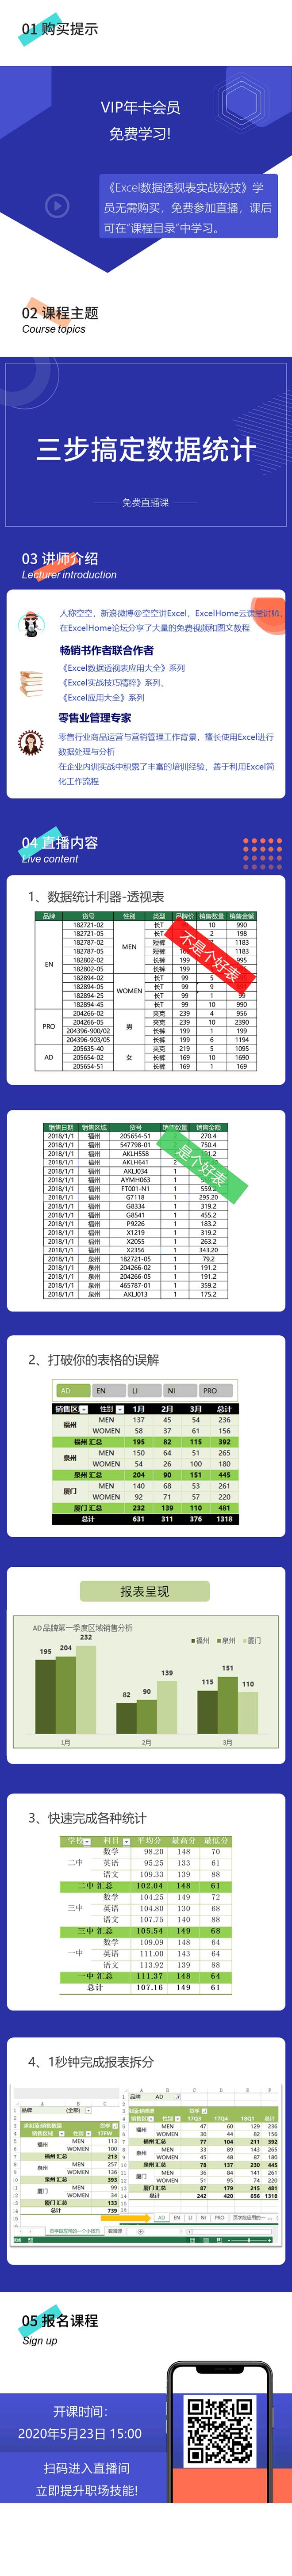 云课堂海报660.png